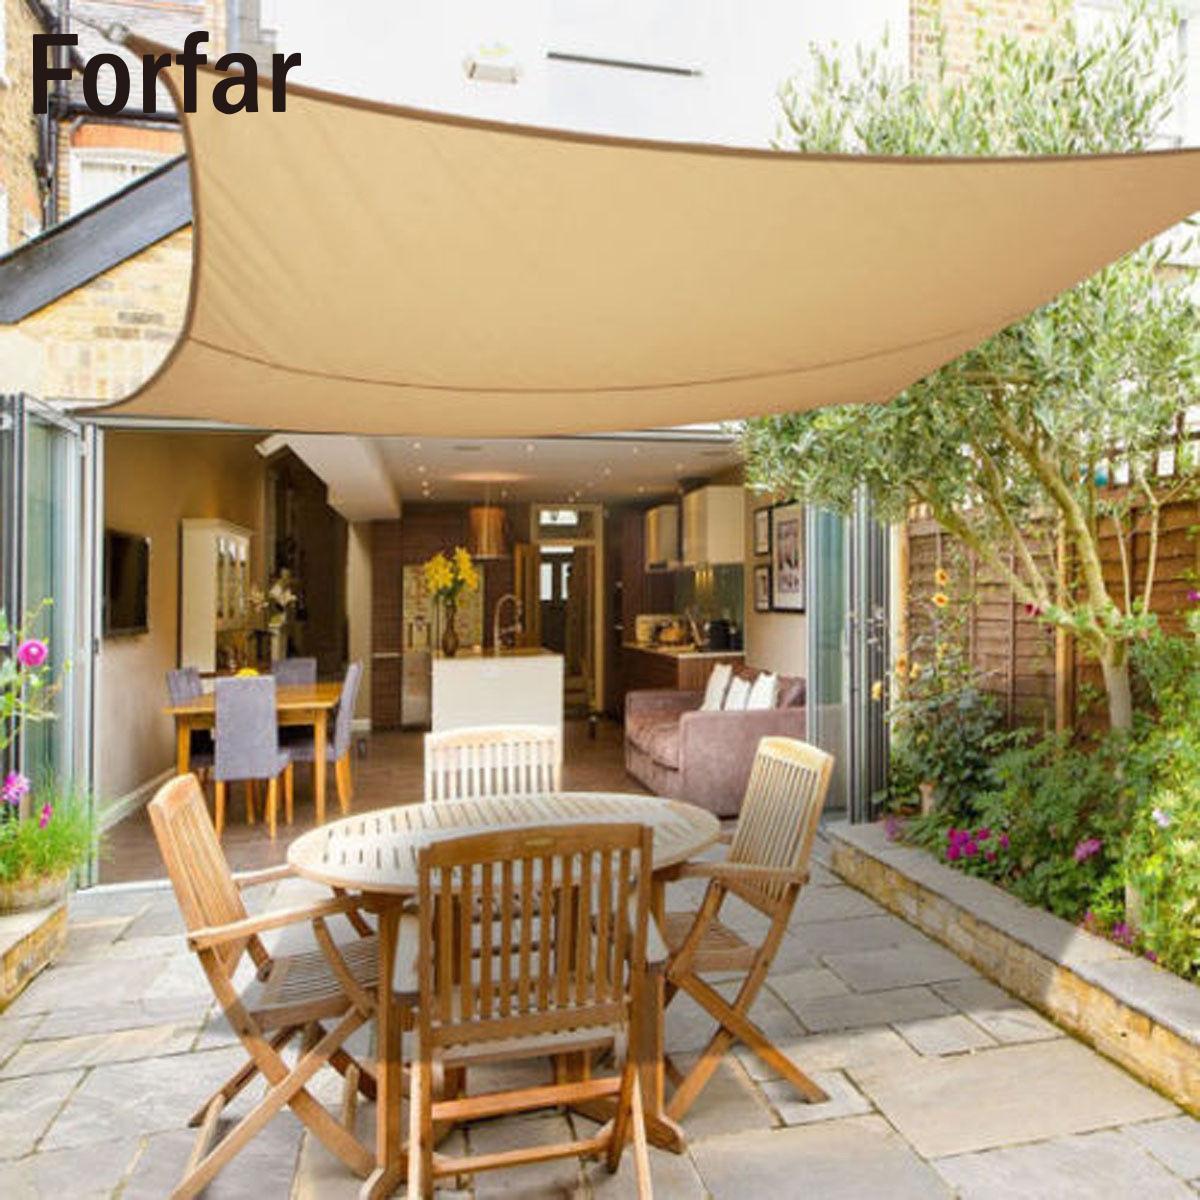 Imperméable à l'eau Rectangle soleil ombre voile Patio protection solaire auvent auvent jardin écran bloc UV couverture supérieure pour abri solaire extérieur